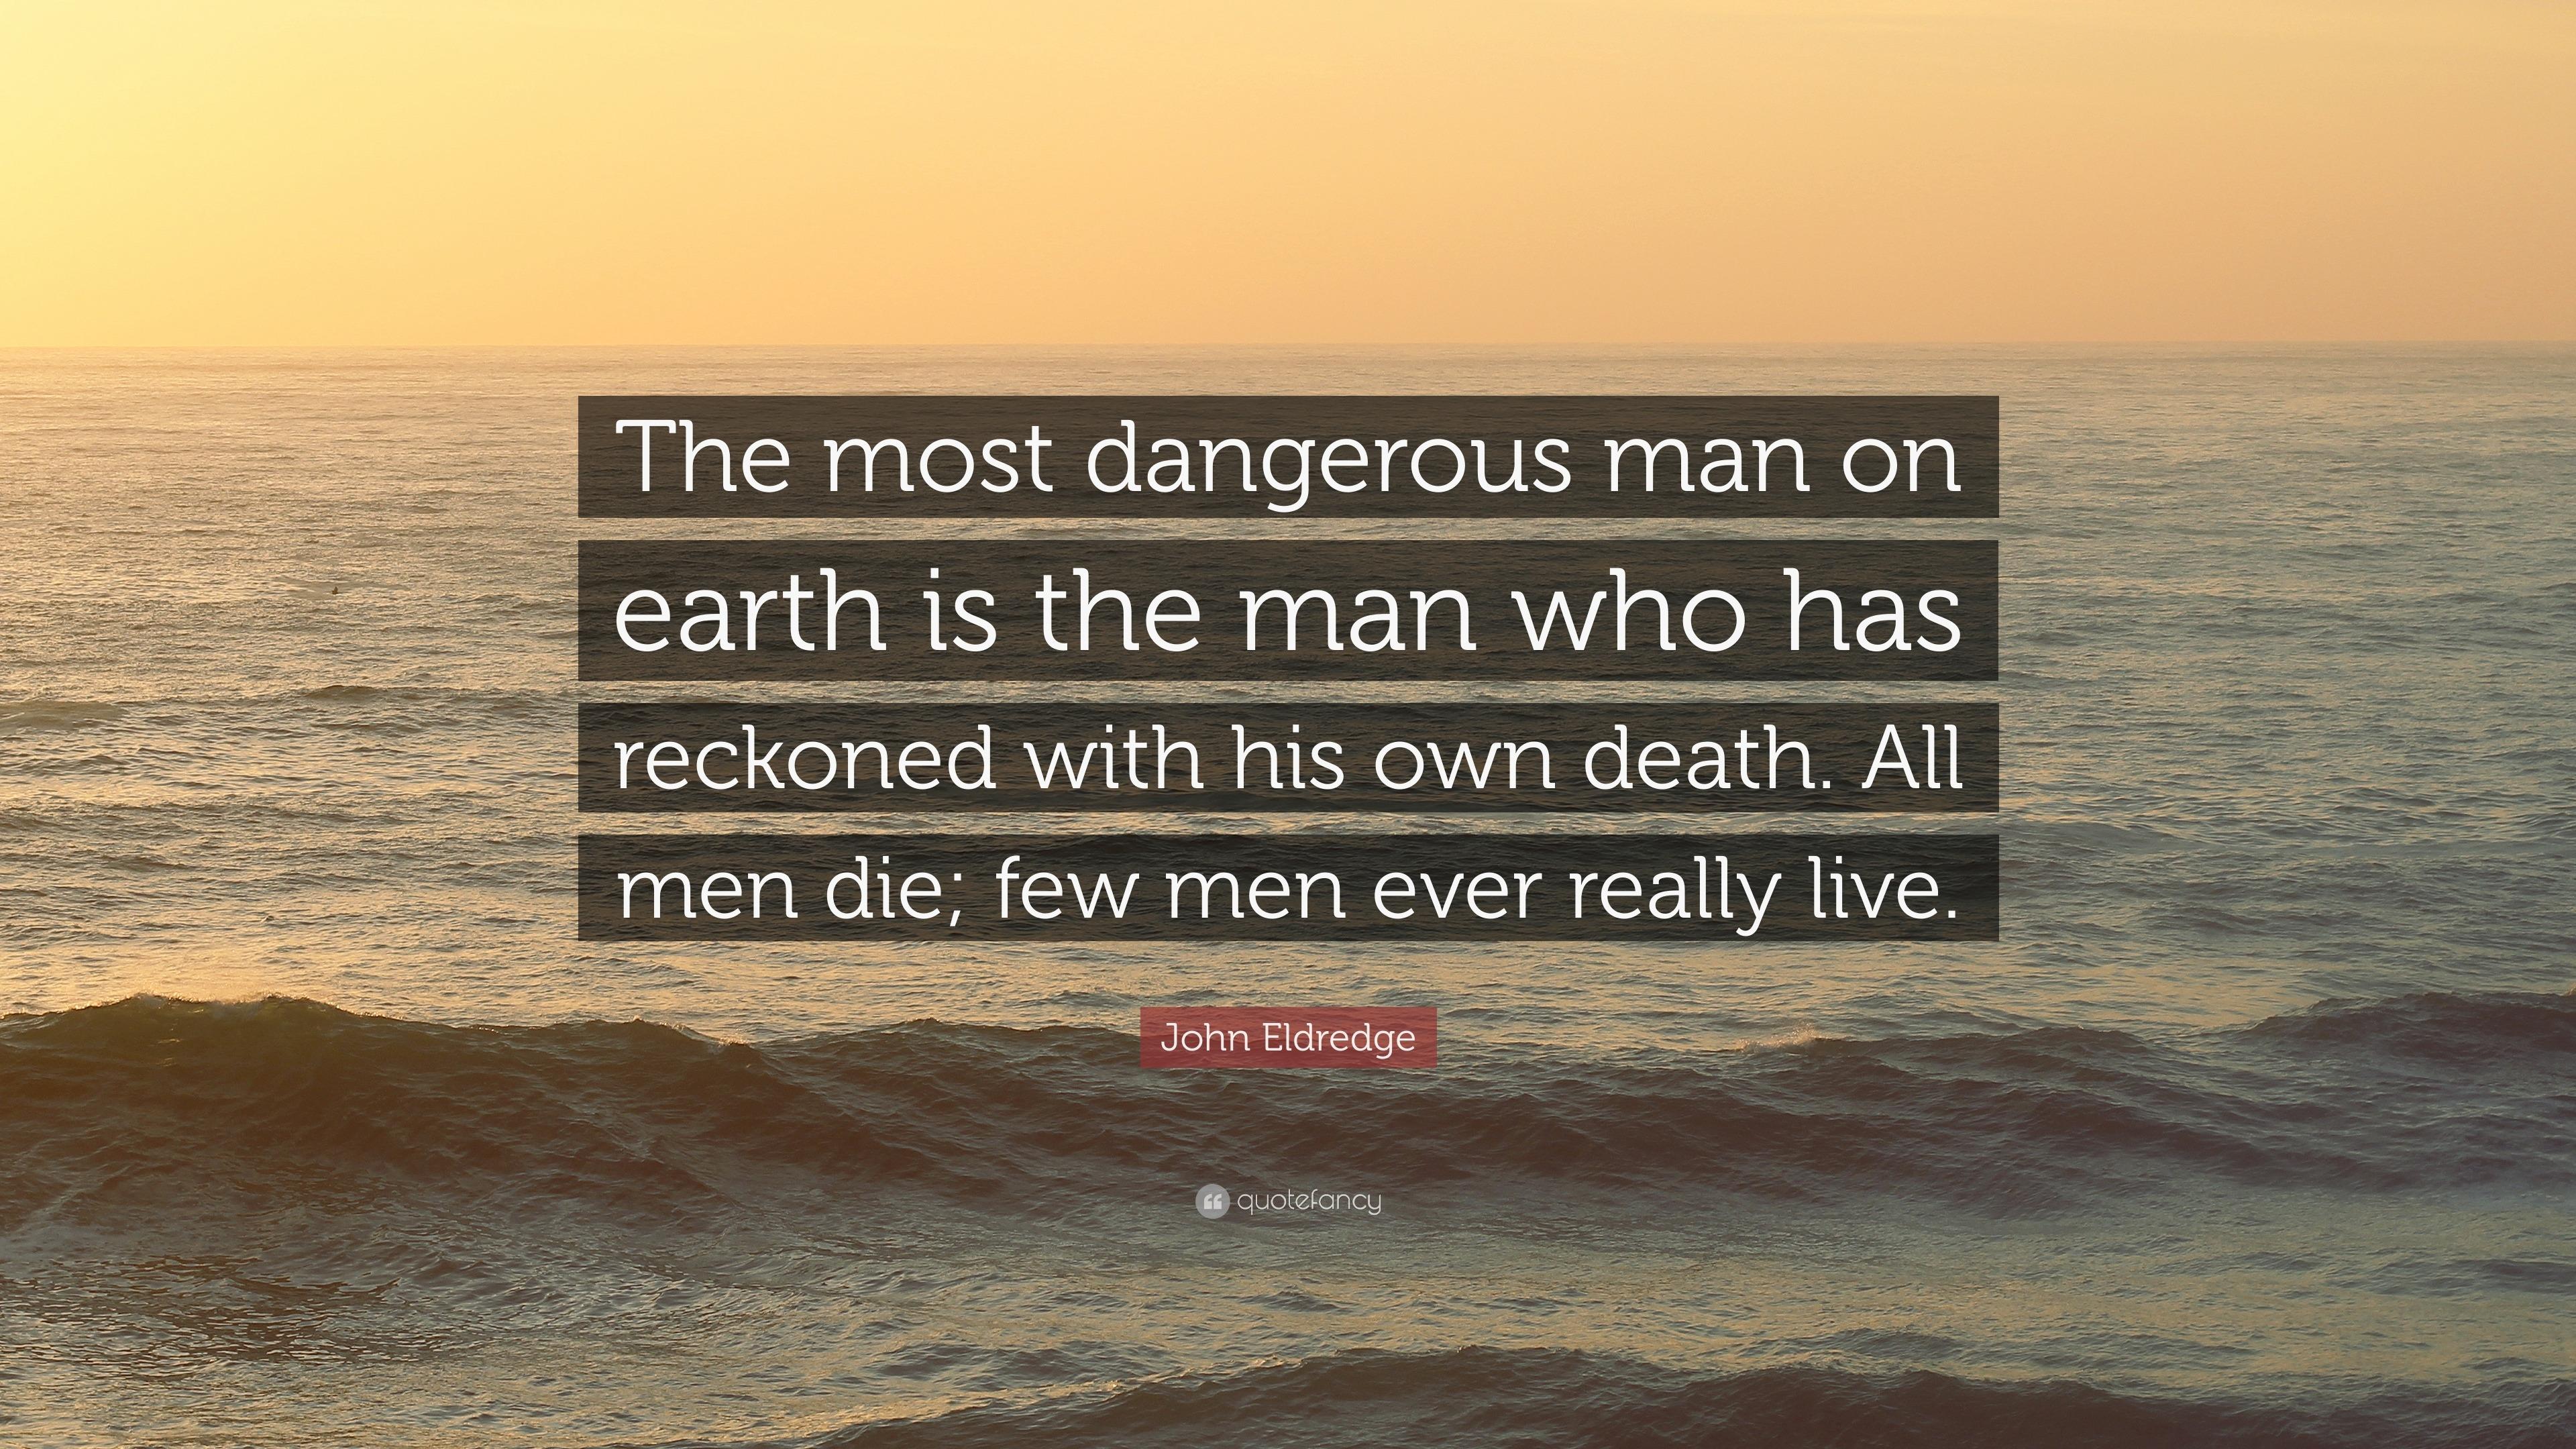 John Eldredge Quotes Wwwpicturesbosscom